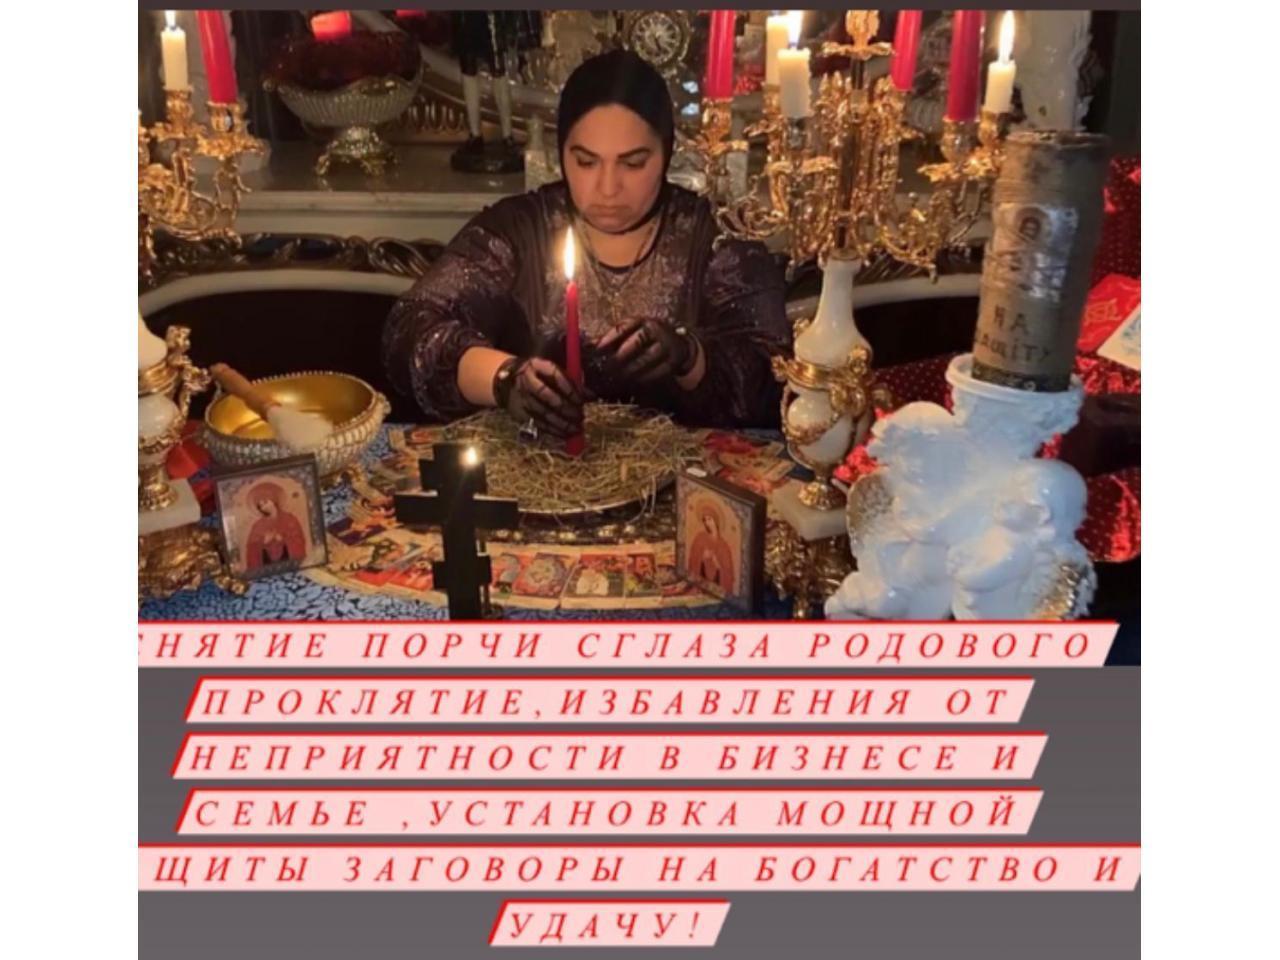 Белый маг, Экстрасенс высшей категории, Астролог, Психотерапевт - 1